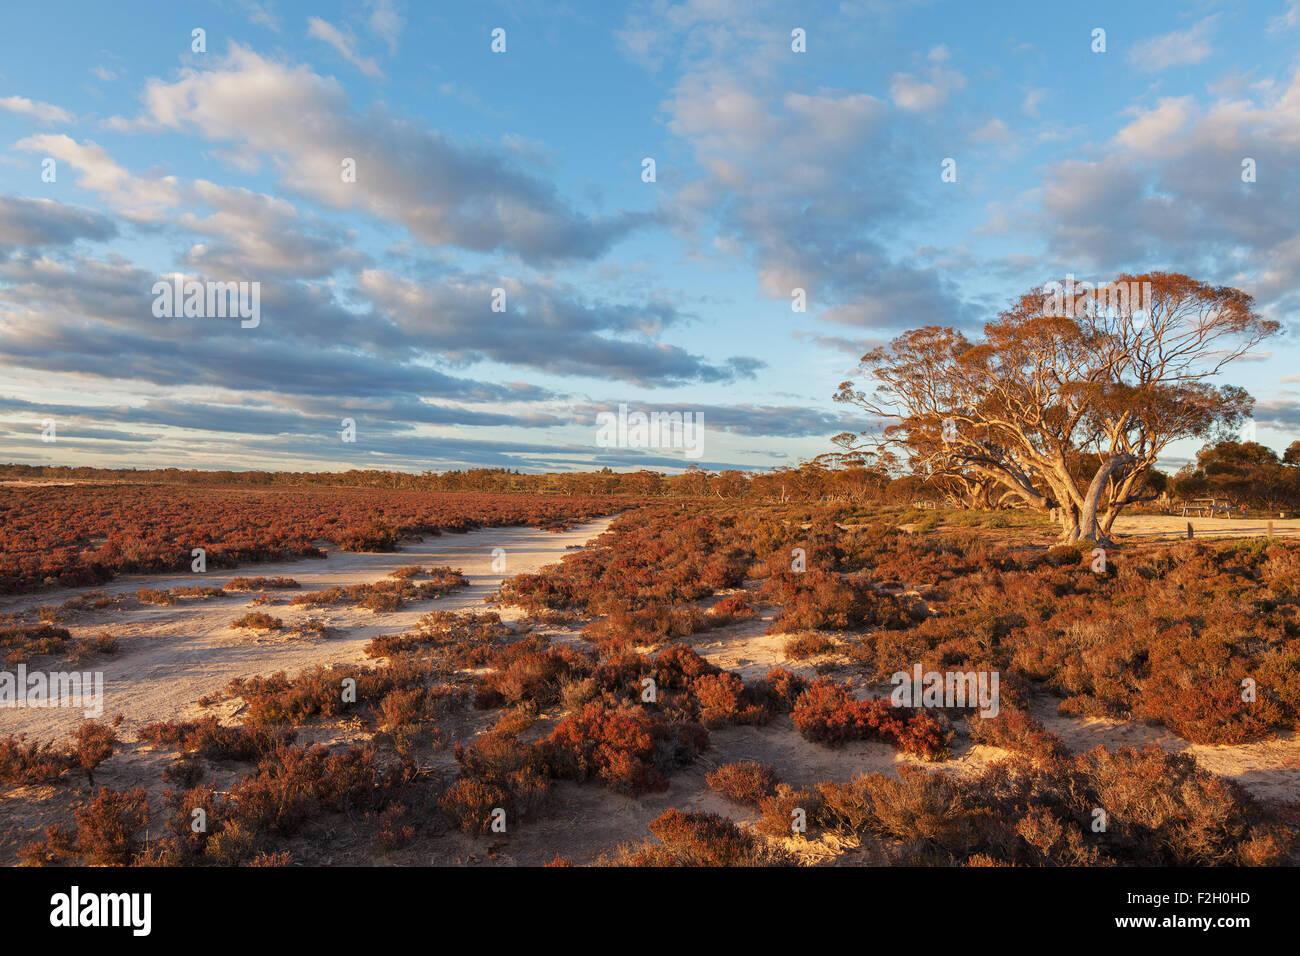 Native Australian desert shrubs landscape at sunset. Murray-Sunset national park, Australia. - Stock Image